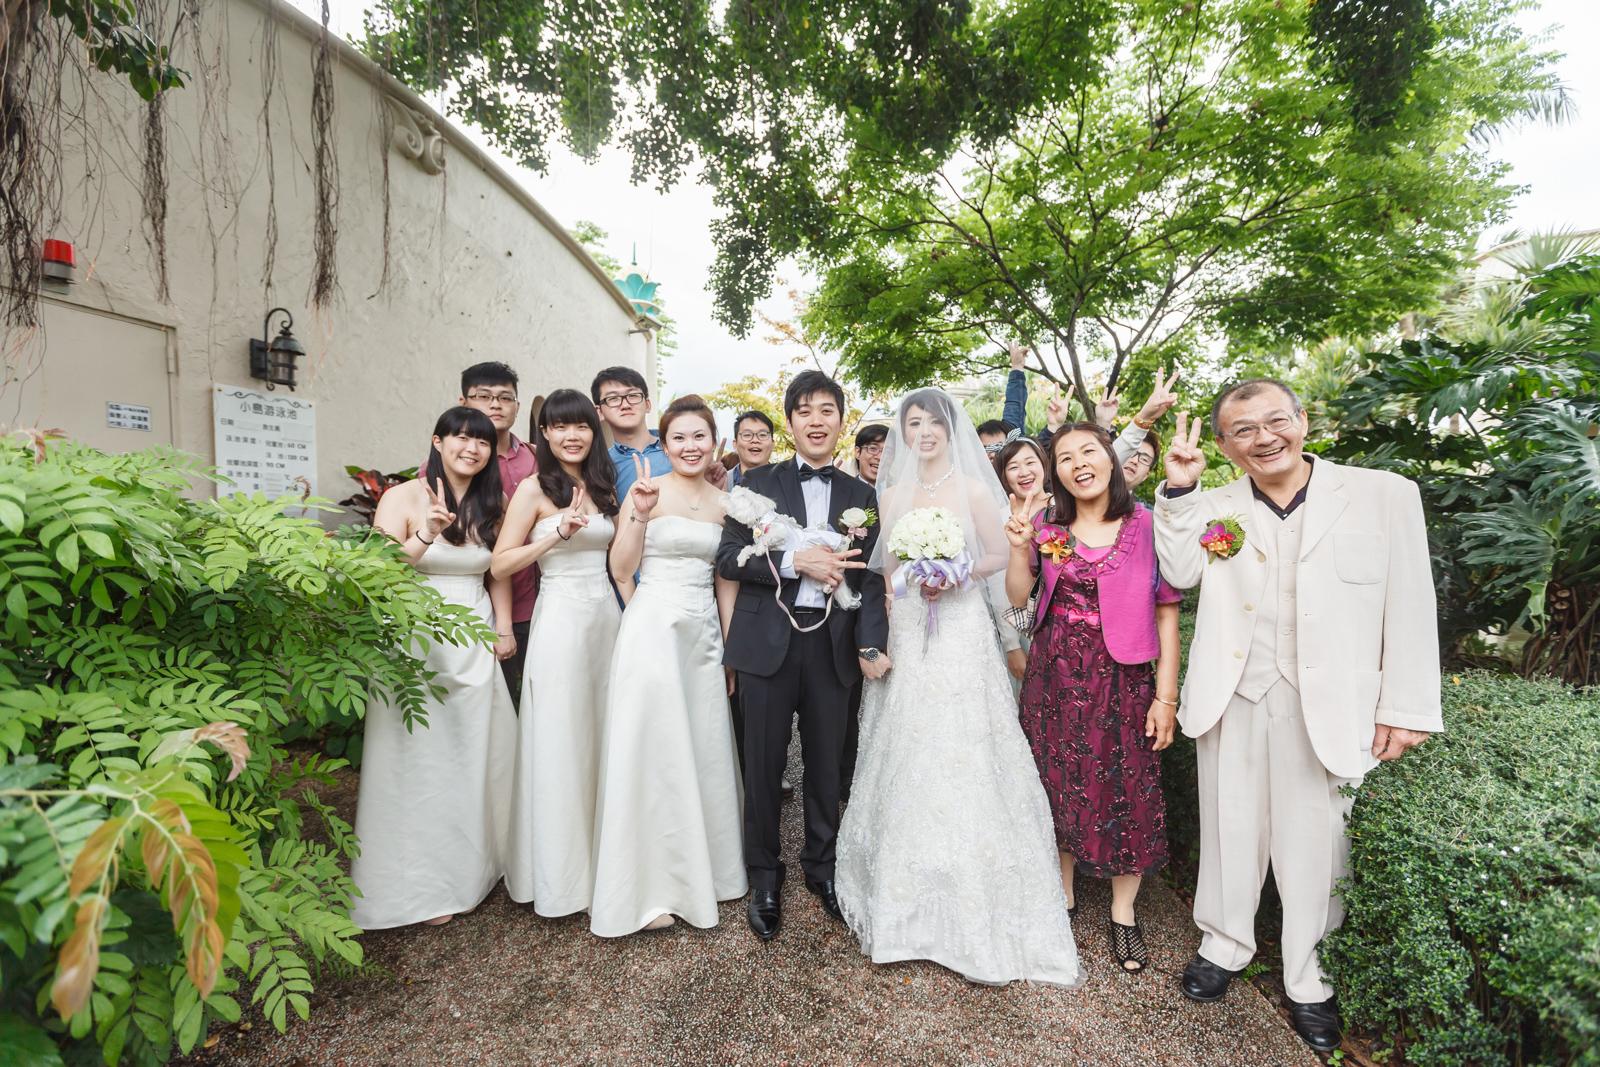 20150412 建維 筱琪 EK婚攝 理想大地 0021